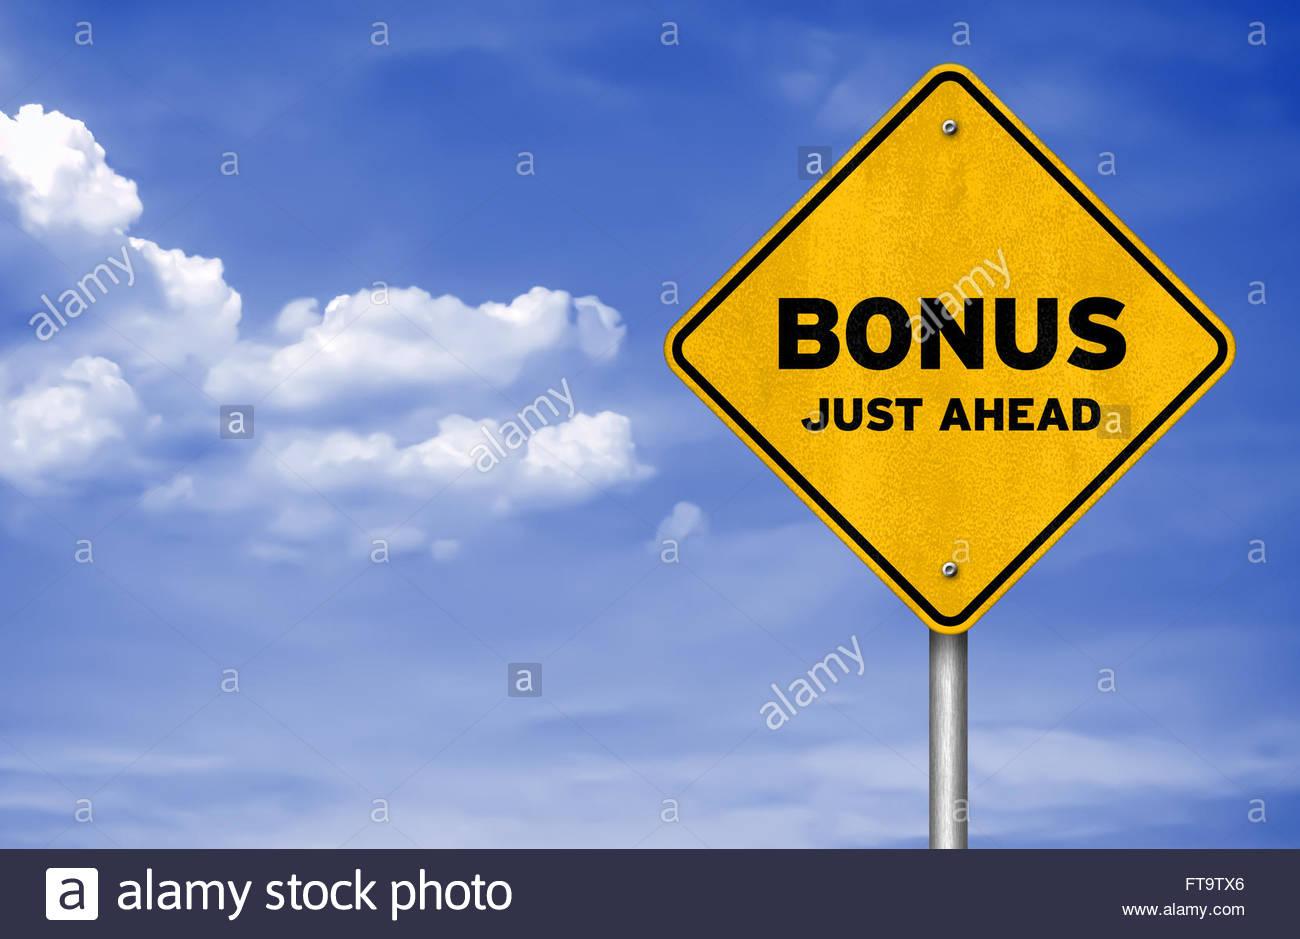 Bonus appena avanti Immagini Stock